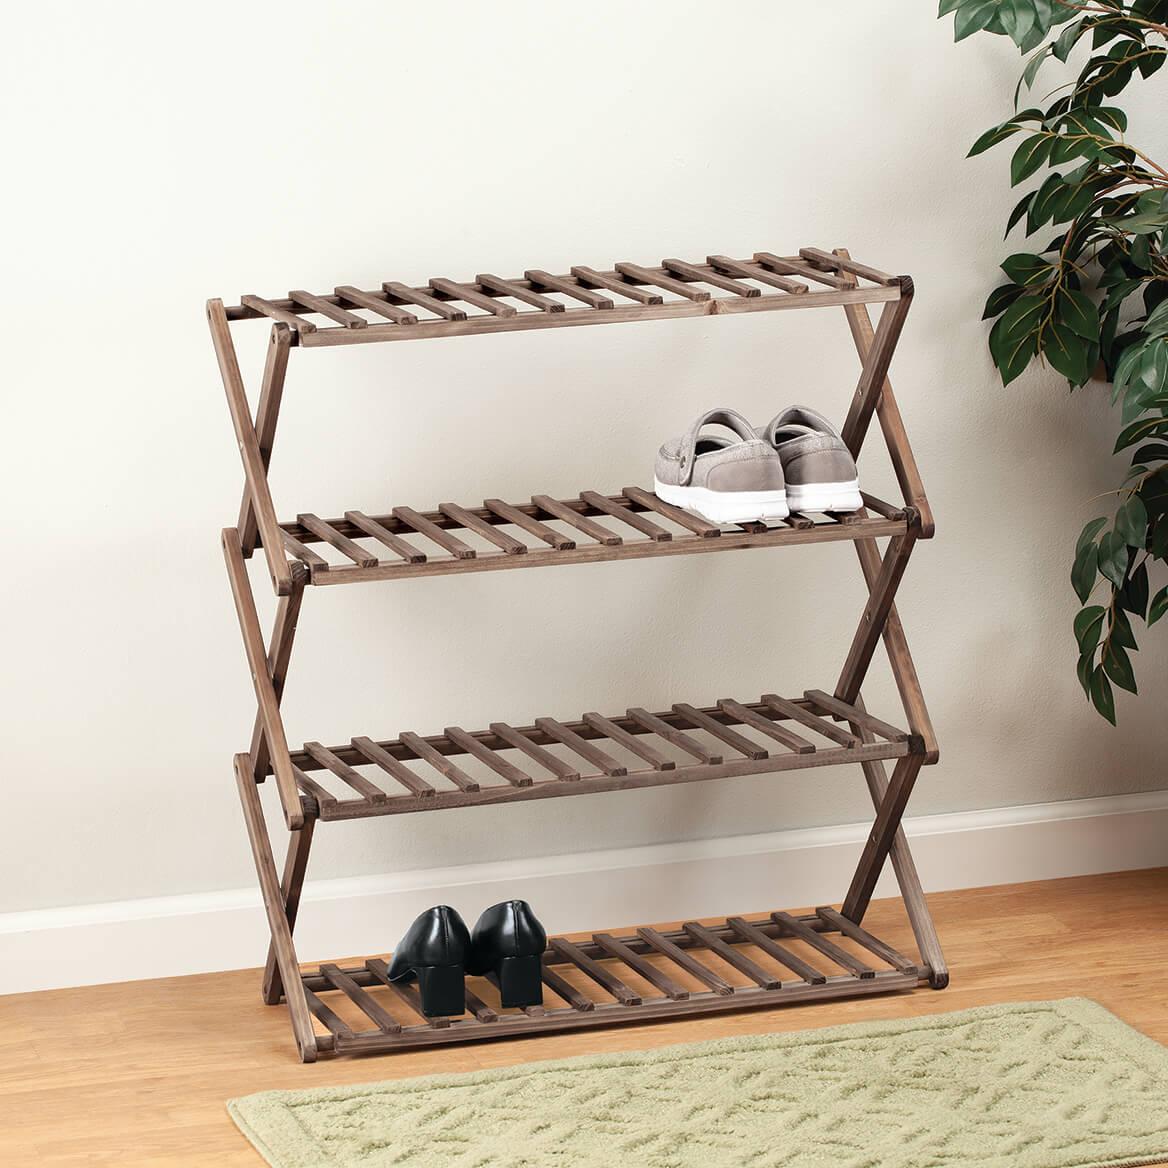 Fir Wood Folding Shoe Rack-370516